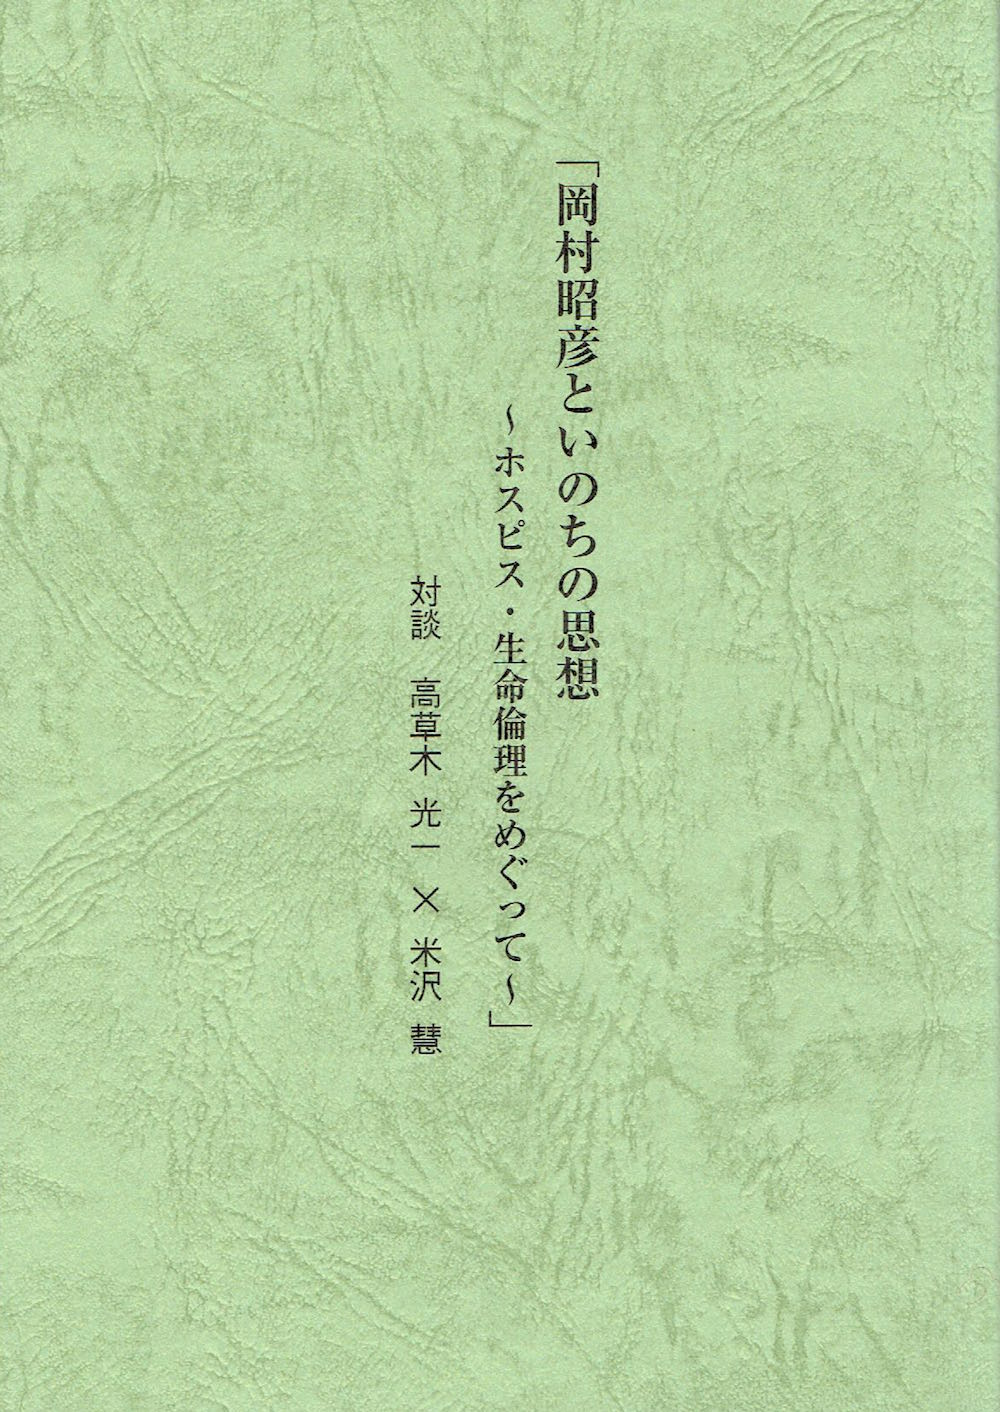 2018年2月刊『岡村昭彦といのちの思想』小冊子(詳細は画像をクリック)